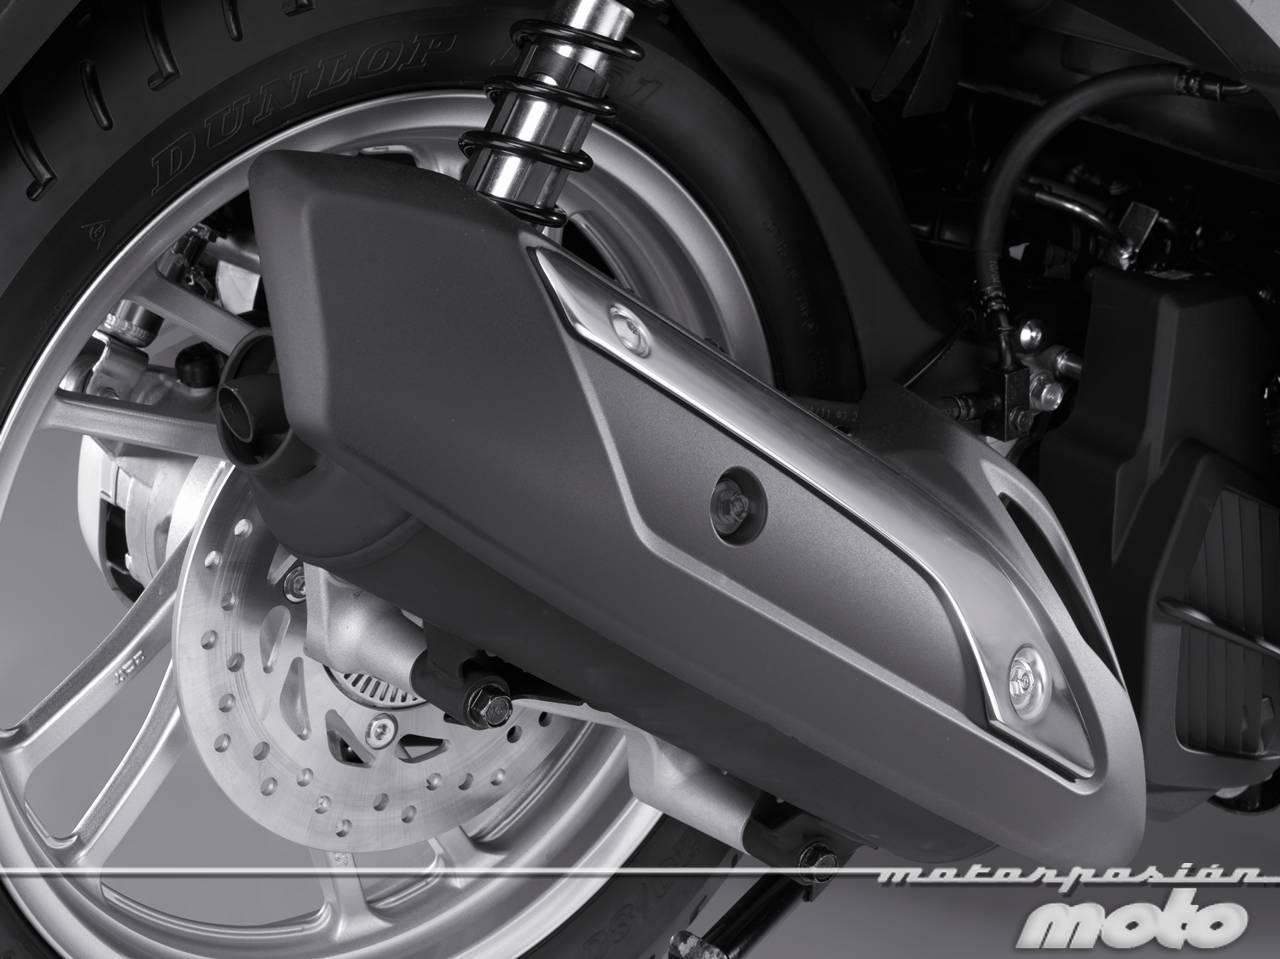 Foto de Honda Scoopy SH125i 2013, prueba (valoración, galería y ficha técnica)  - Fotos Detalles (52/81)